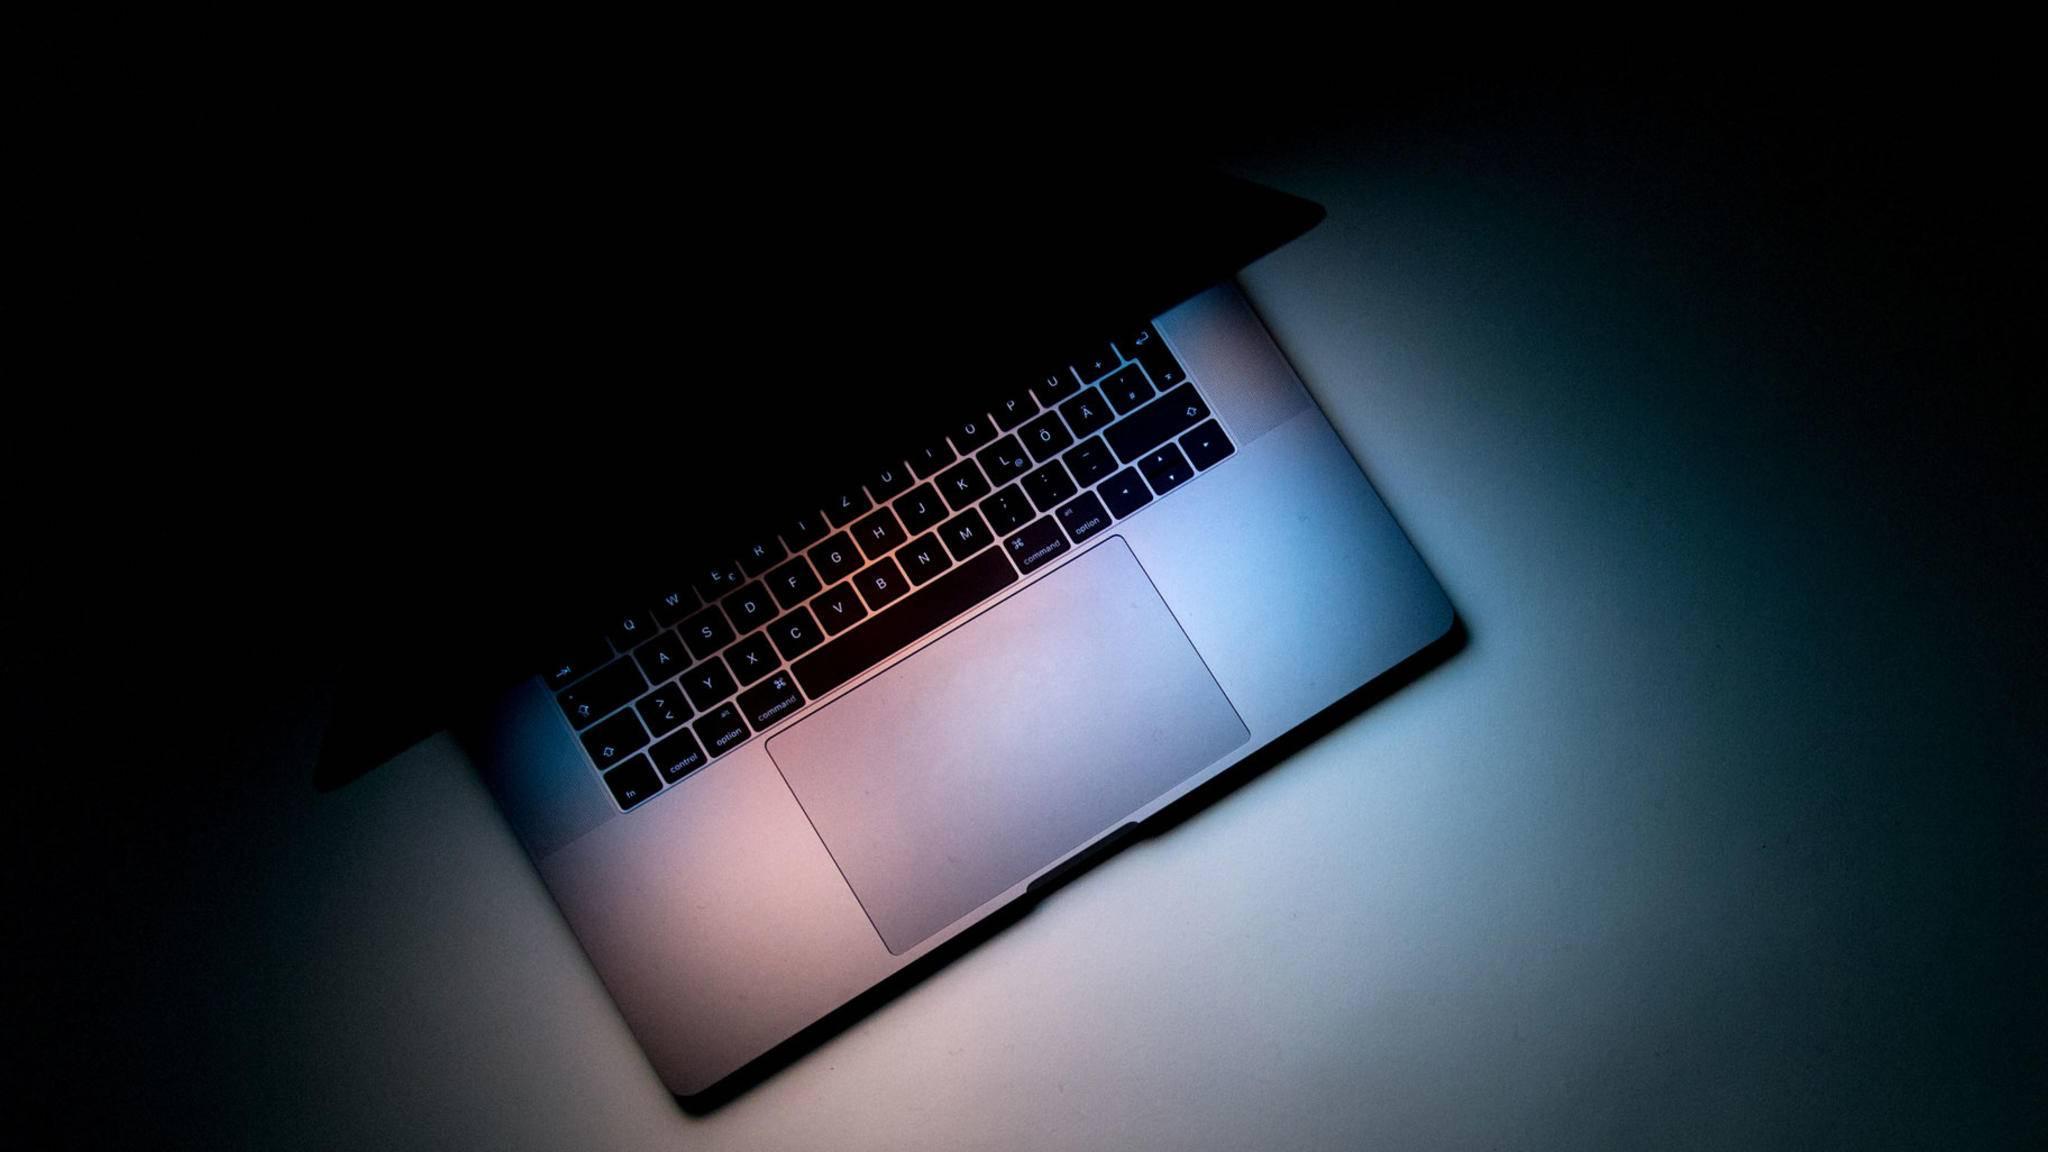 Wird Apple auf seiner Frühjahrs-Keynote neue MacBooks vorstellen?